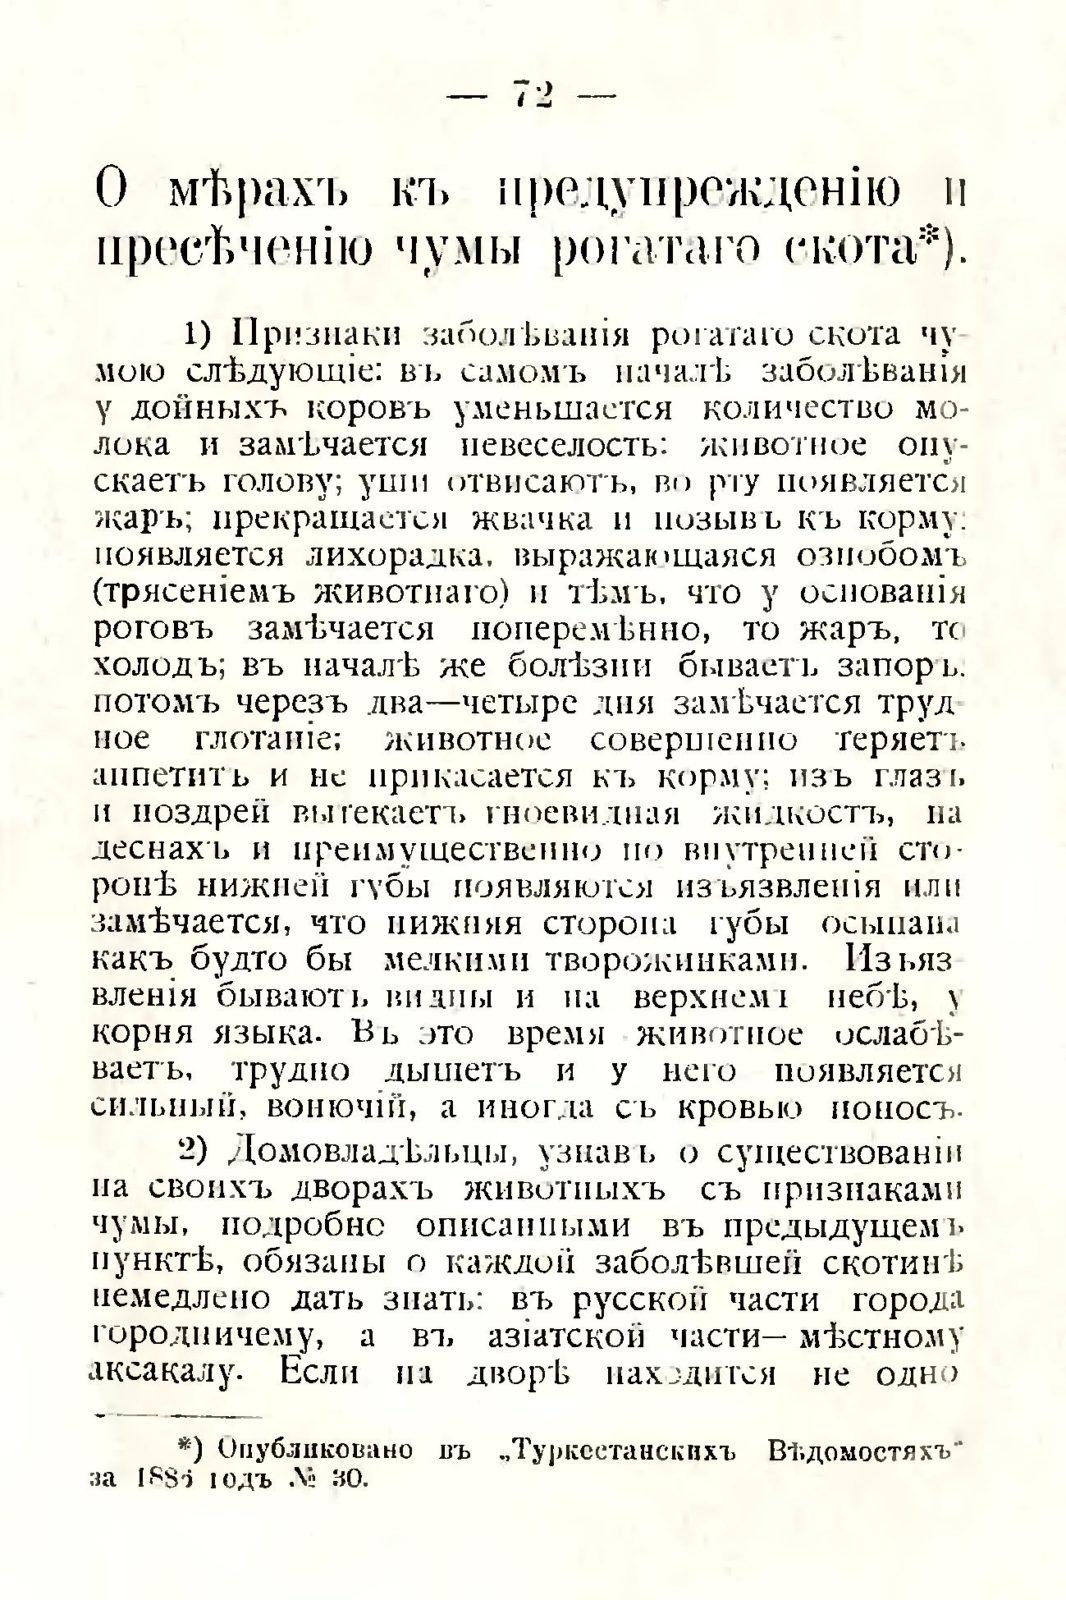 sbornik_obyazatelnyh_postanovlenii_tashkentskoi_gorodskoi_du_76